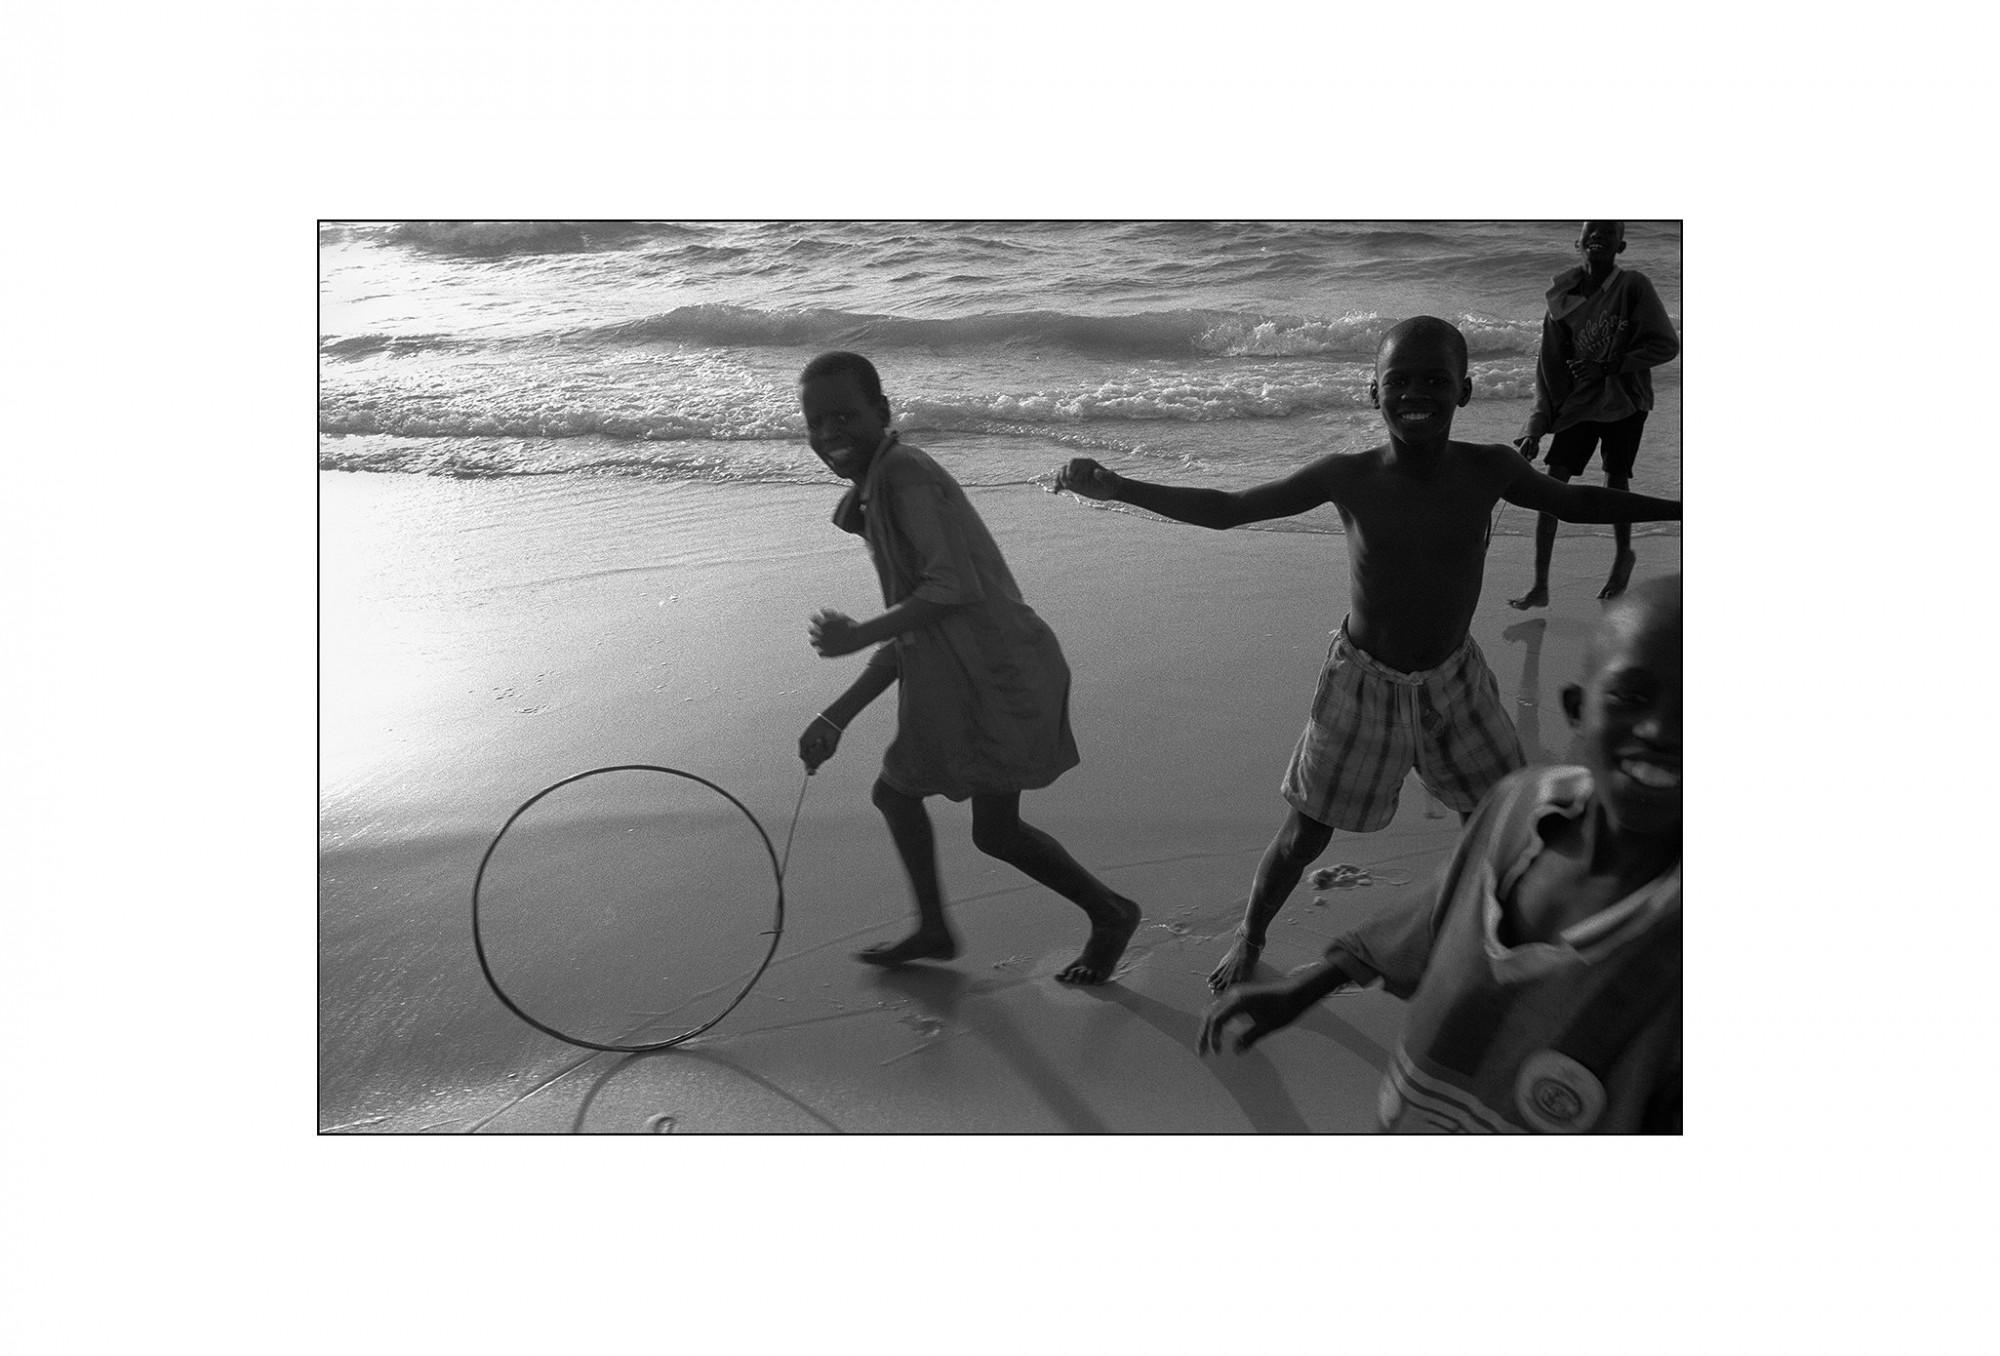 Afbeelding: Fotografie - Art, uit de reeks : De kleur van zwart.Senegal, 99-13-21, © Dominique Van Huffel.